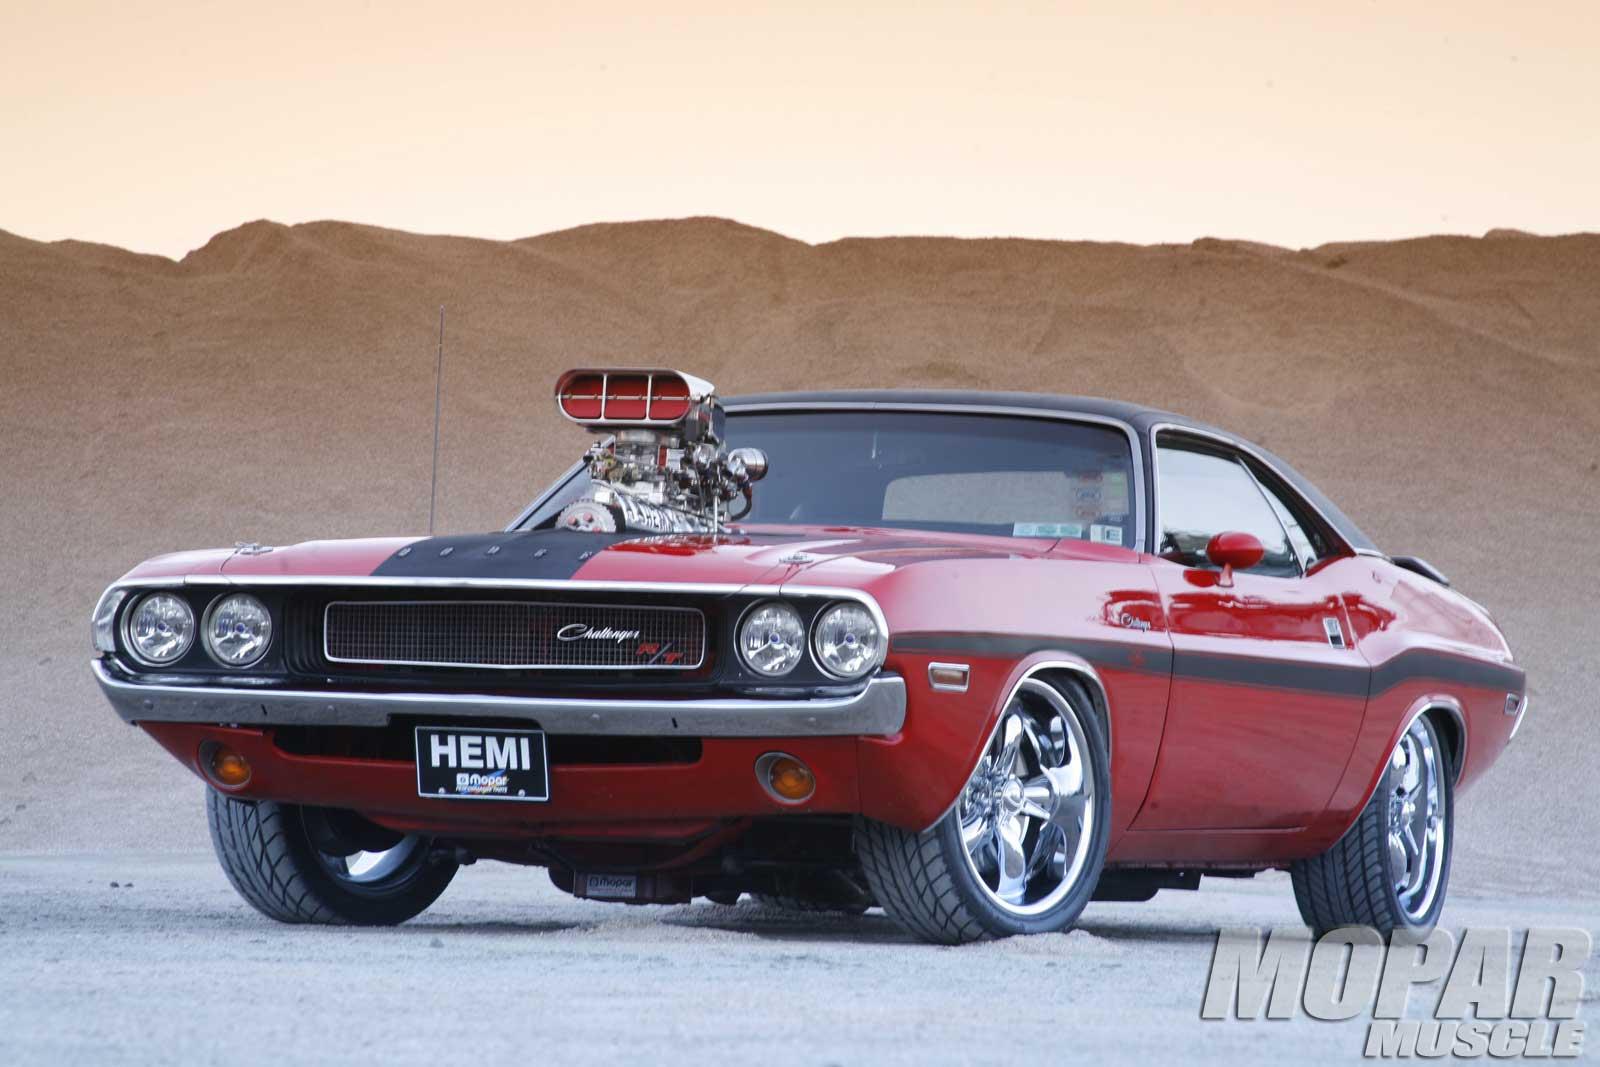 http://4.bp.blogspot.com/-jBuQBHTvB6c/T3ZmcTG7OxI/AAAAAAAAAD0/i87X8AjlR_s/s1600/mopp_1104_07+1970_Dodge_Challenger_RT+.jpg